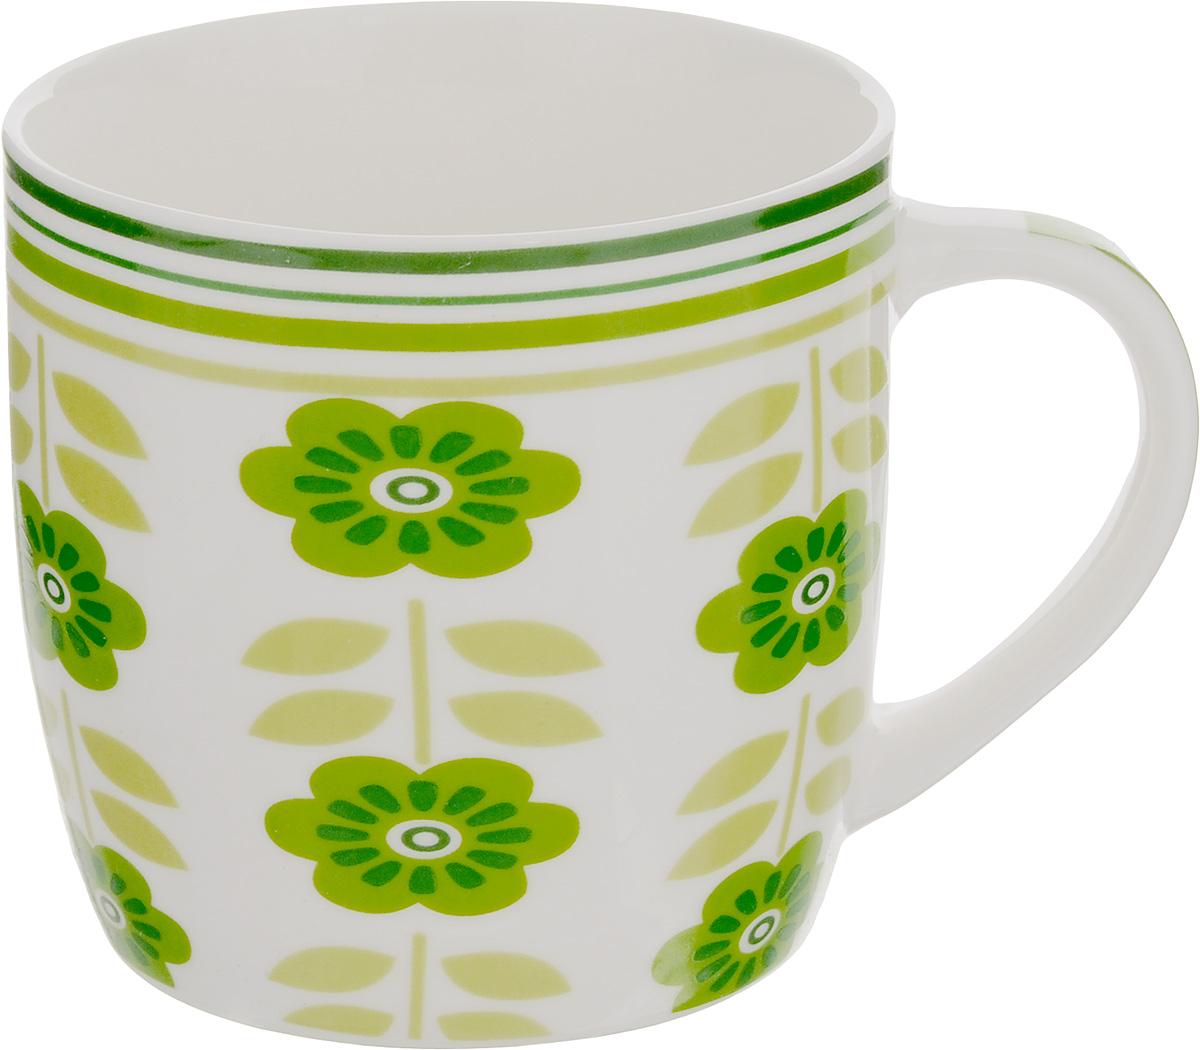 Кружка Loraine Цветы, 320 мл24474_белый, зеленыйОригинальная кружка Loraine Цветы выполнена из костяного фарфора и оформлена красочным изображением. Она станет отличным дополнением к сервировке семейного стола и замечательным подарком для ваших родных и друзей. Диаметр кружки (по верхнему краю): 8,5 см. Высота кружки: 8,4 см.